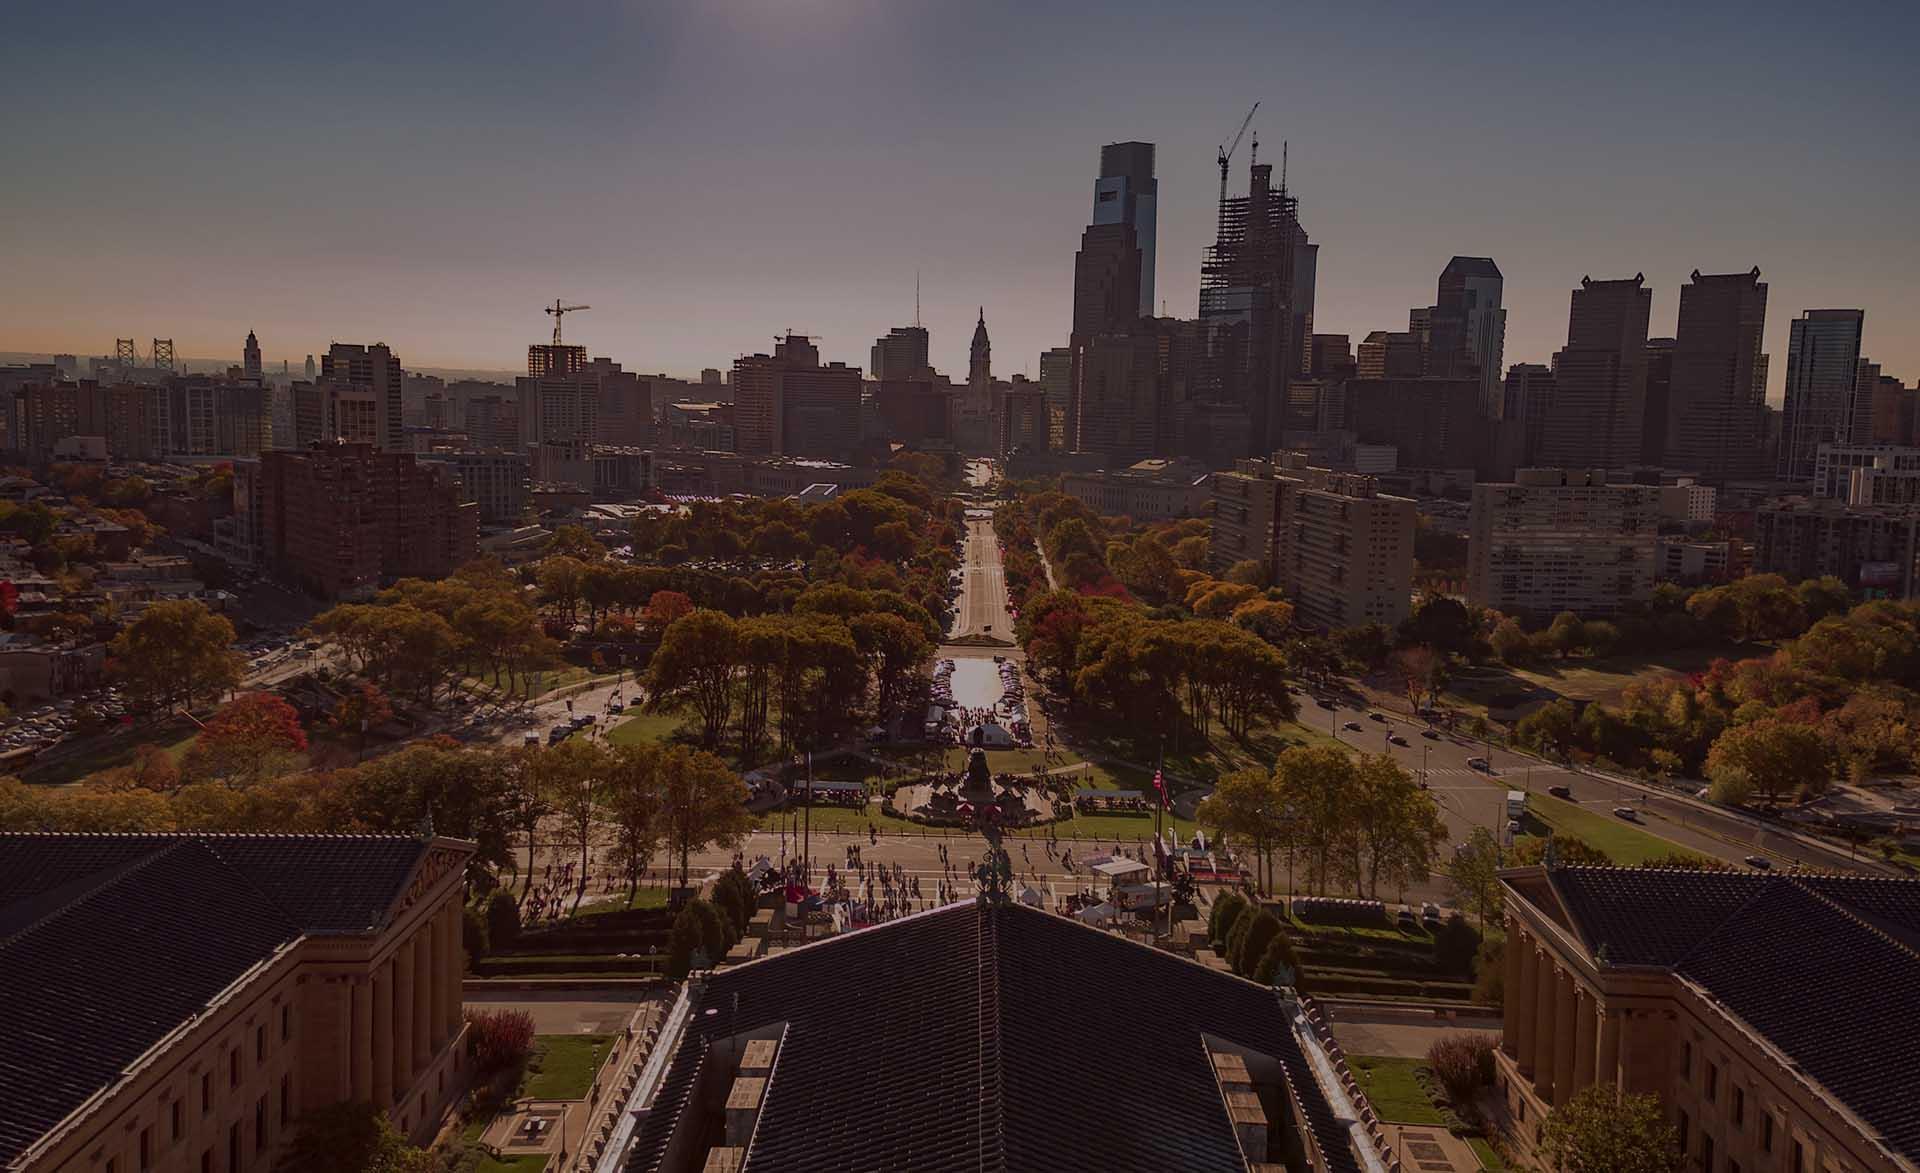 Philadelphia's Premier Roofing Company